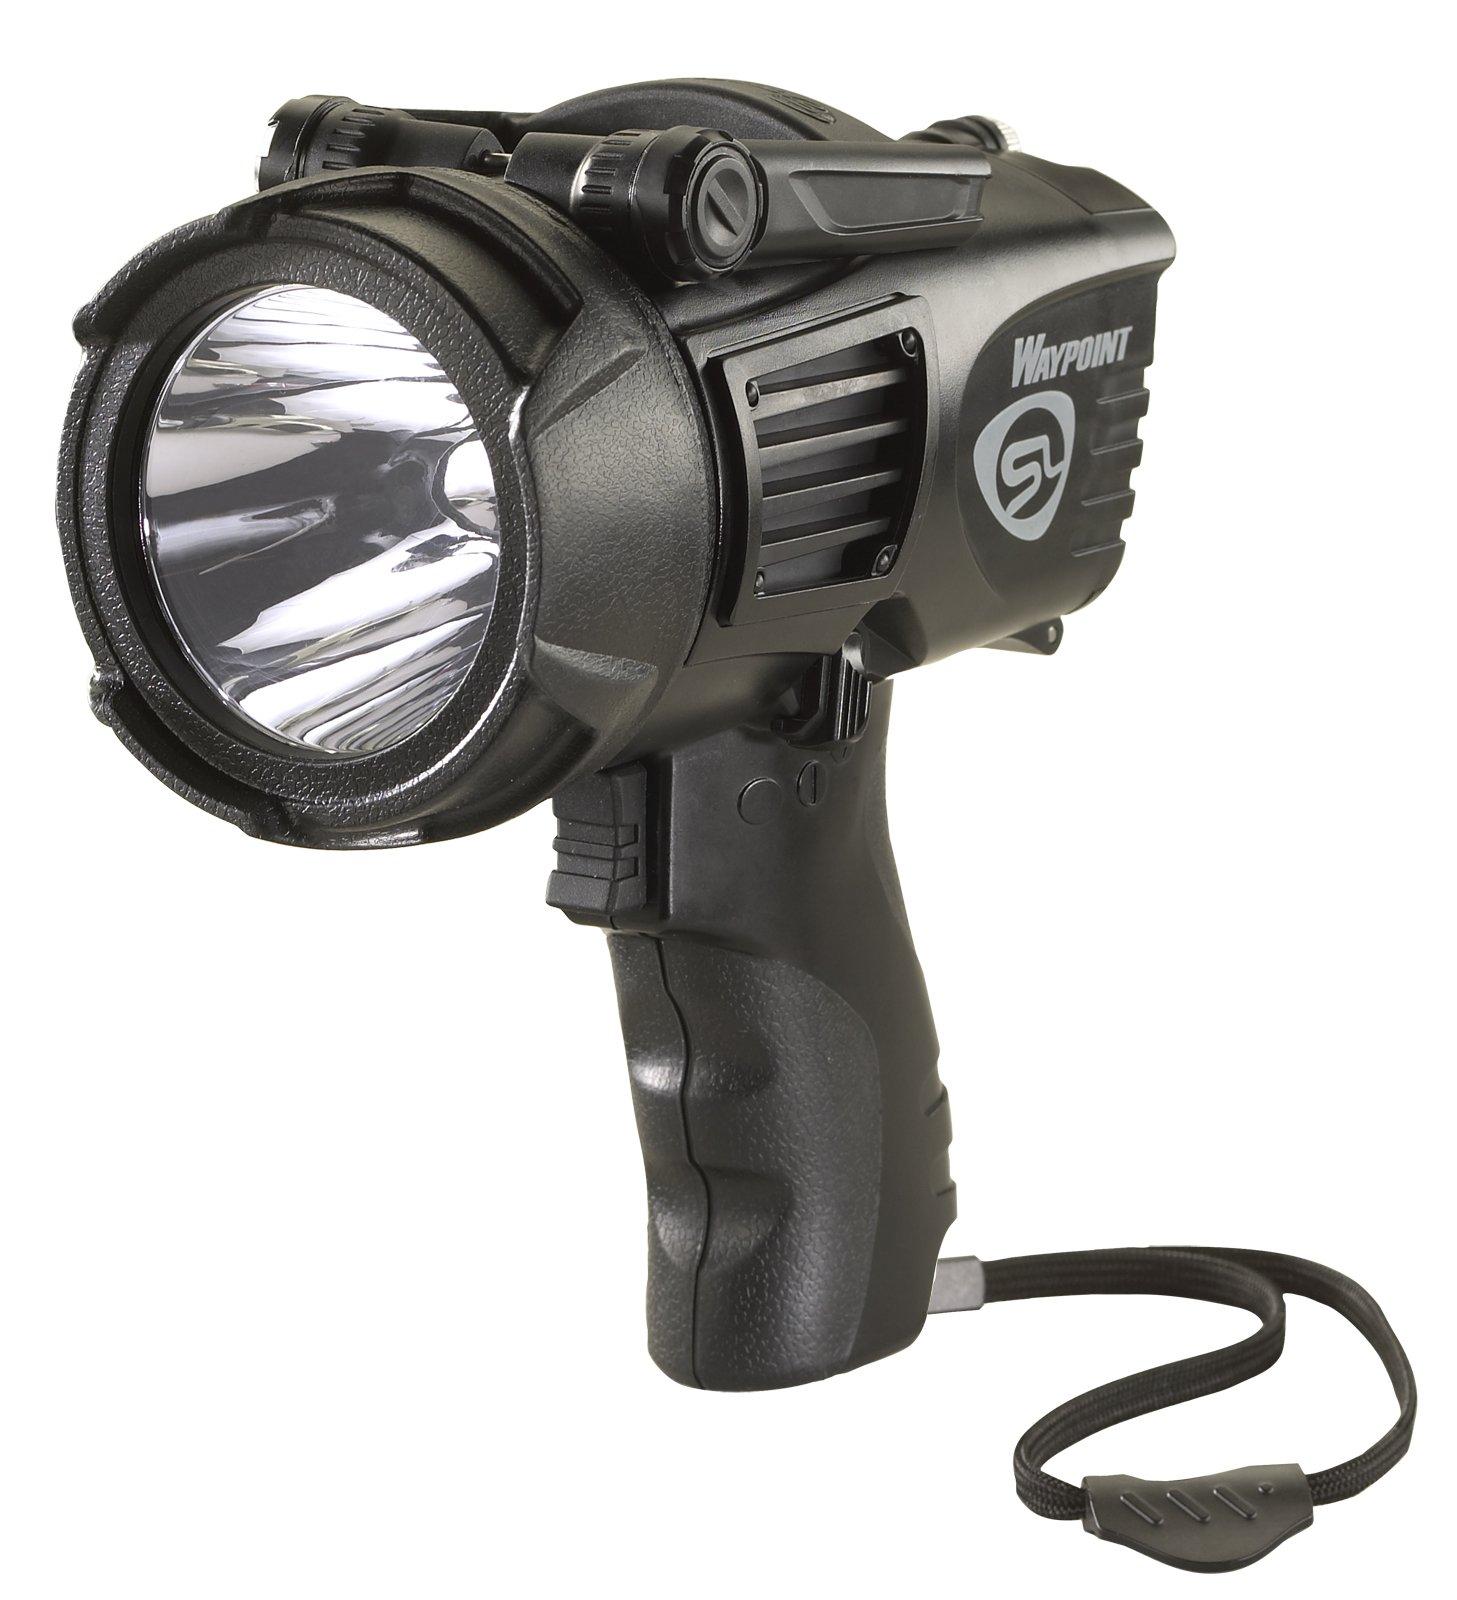 Streamlight 44905 Waypoint High Performance Pistol-Grip Spotlight, Black - 550 Lumens by Streamlight